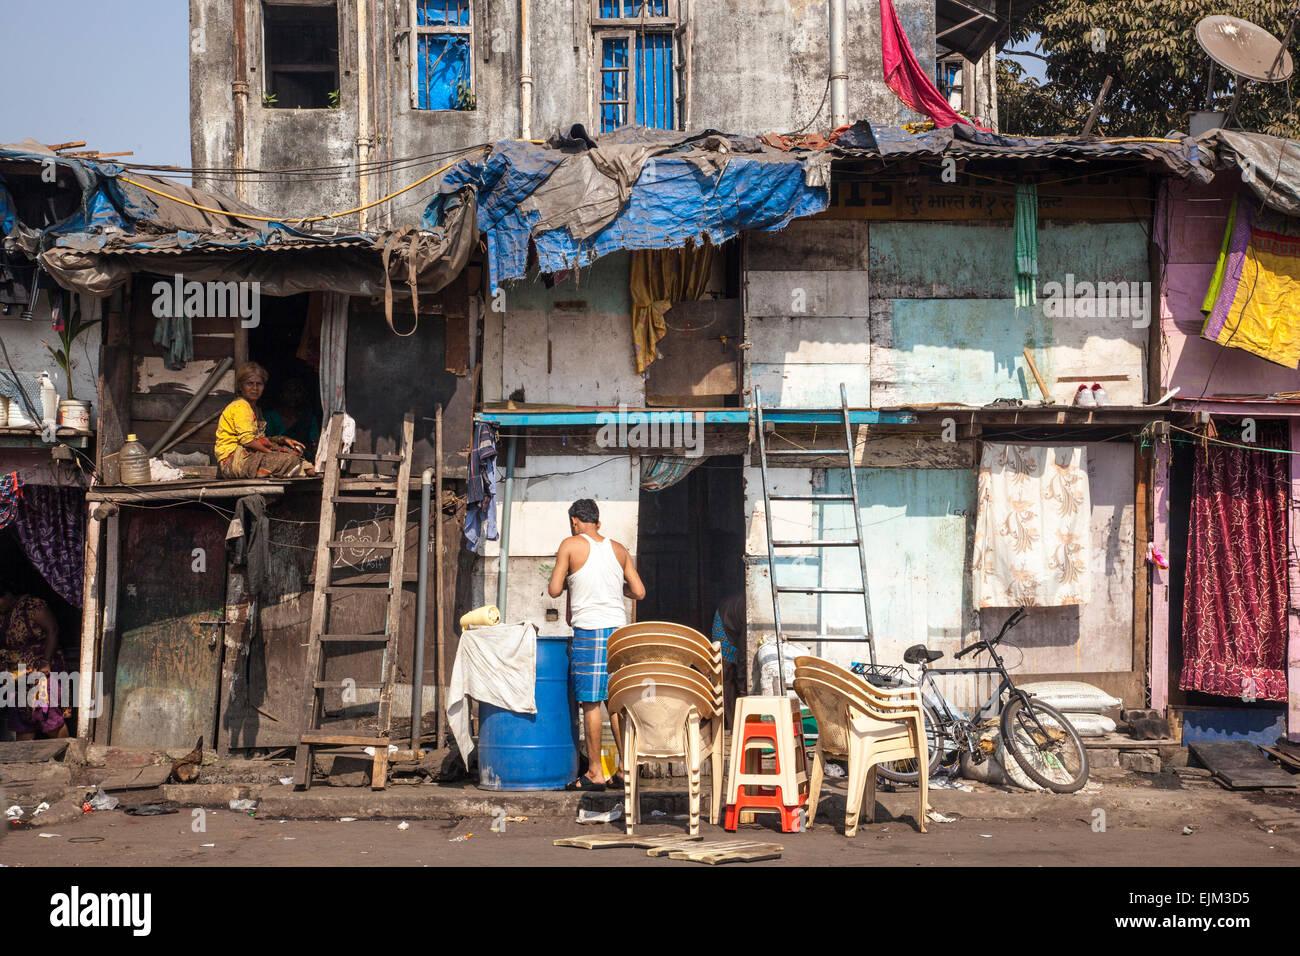 Shack In Mumbai India Stock Photo Royalty Free Image